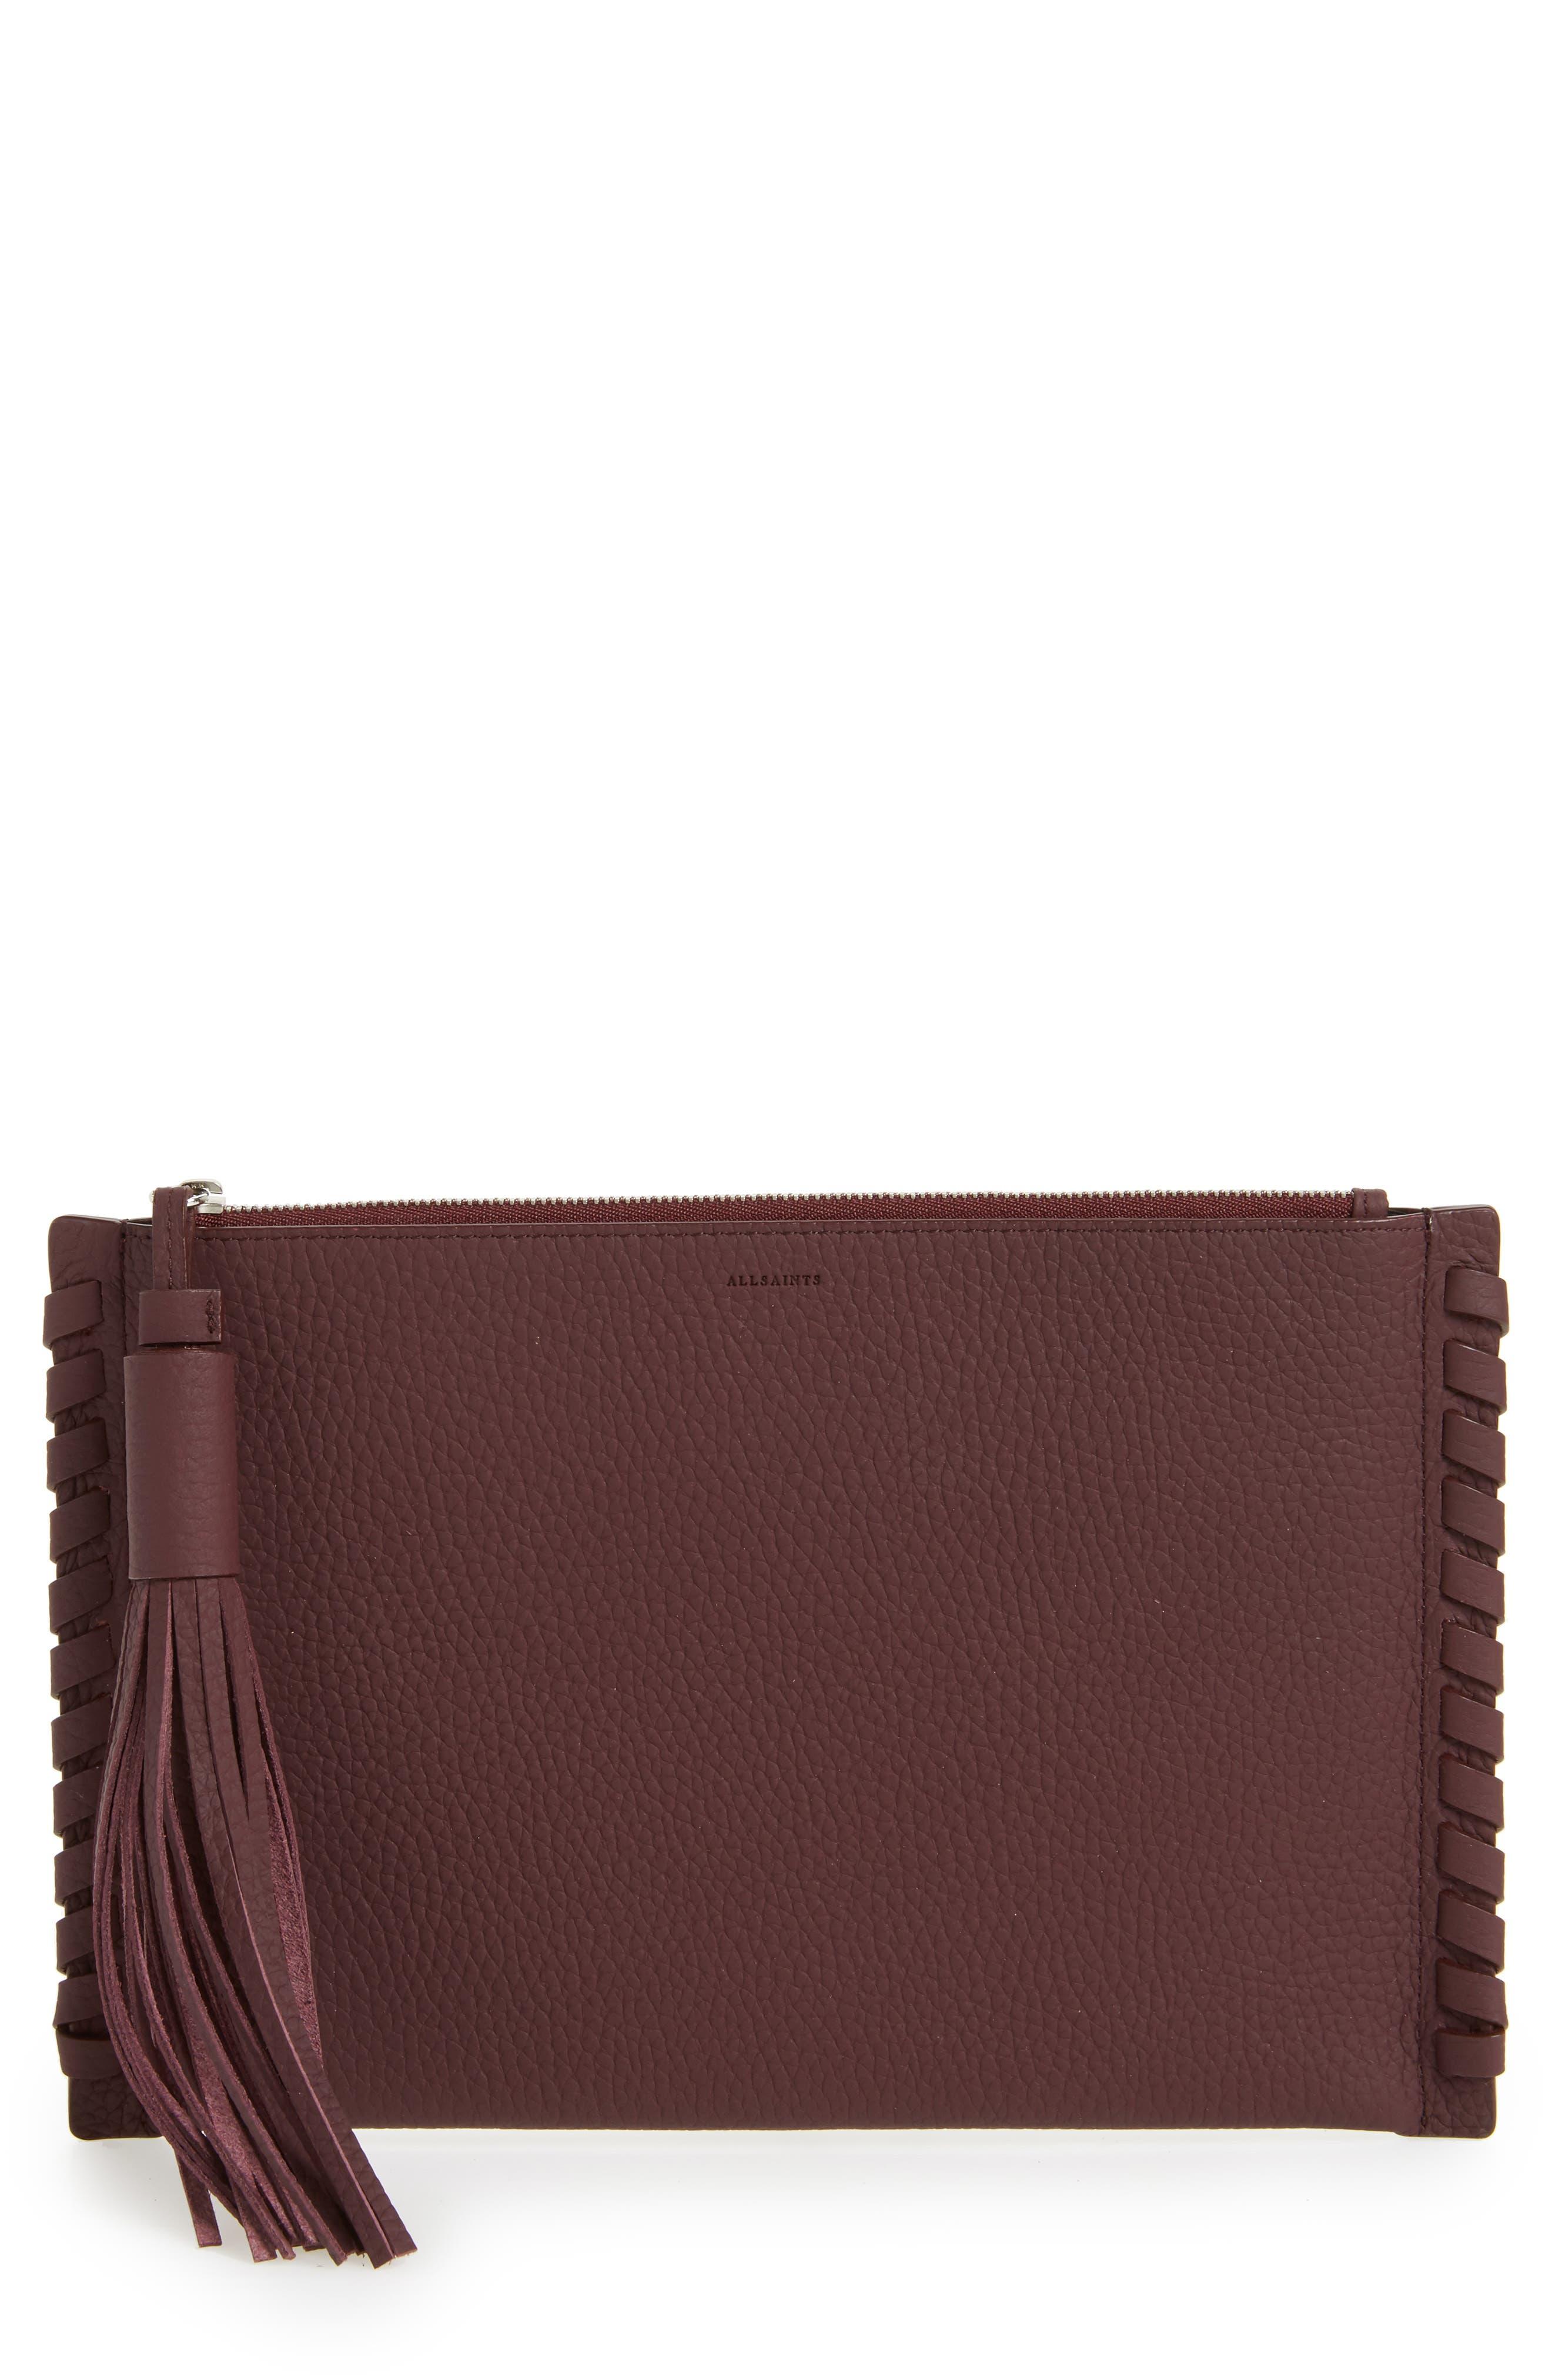 ALLSAINTS Kepi Leather Pouch